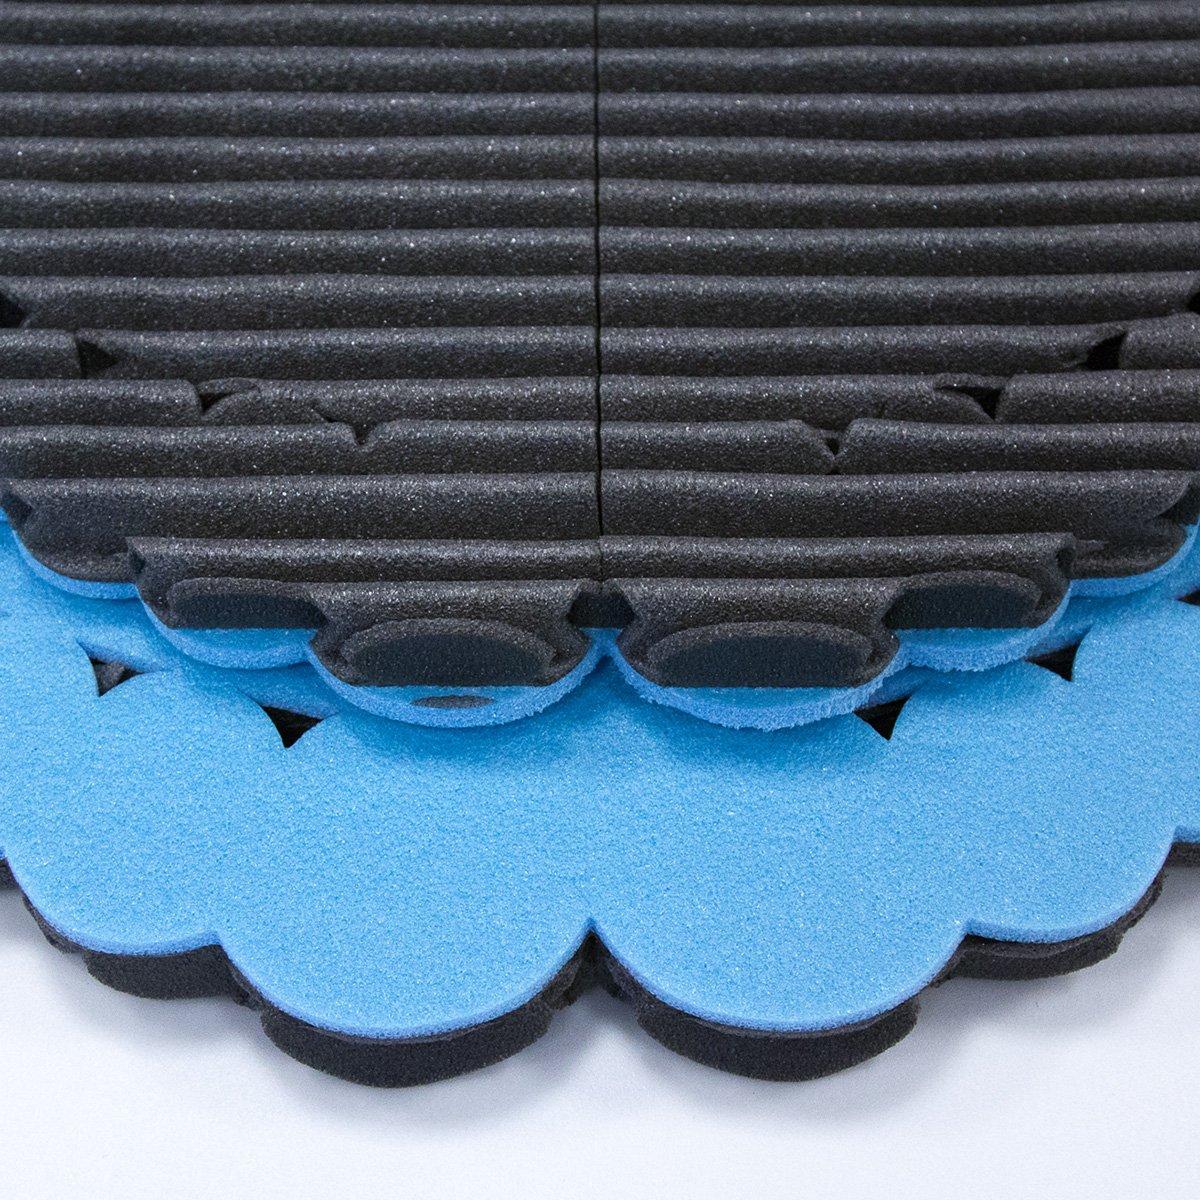 2 tappetini dopo sport con l'effetto massaggiante studiati per proteggere i tuoi piedi da germi e funghi in ambienti come palestra, piscina e spogliatoio.